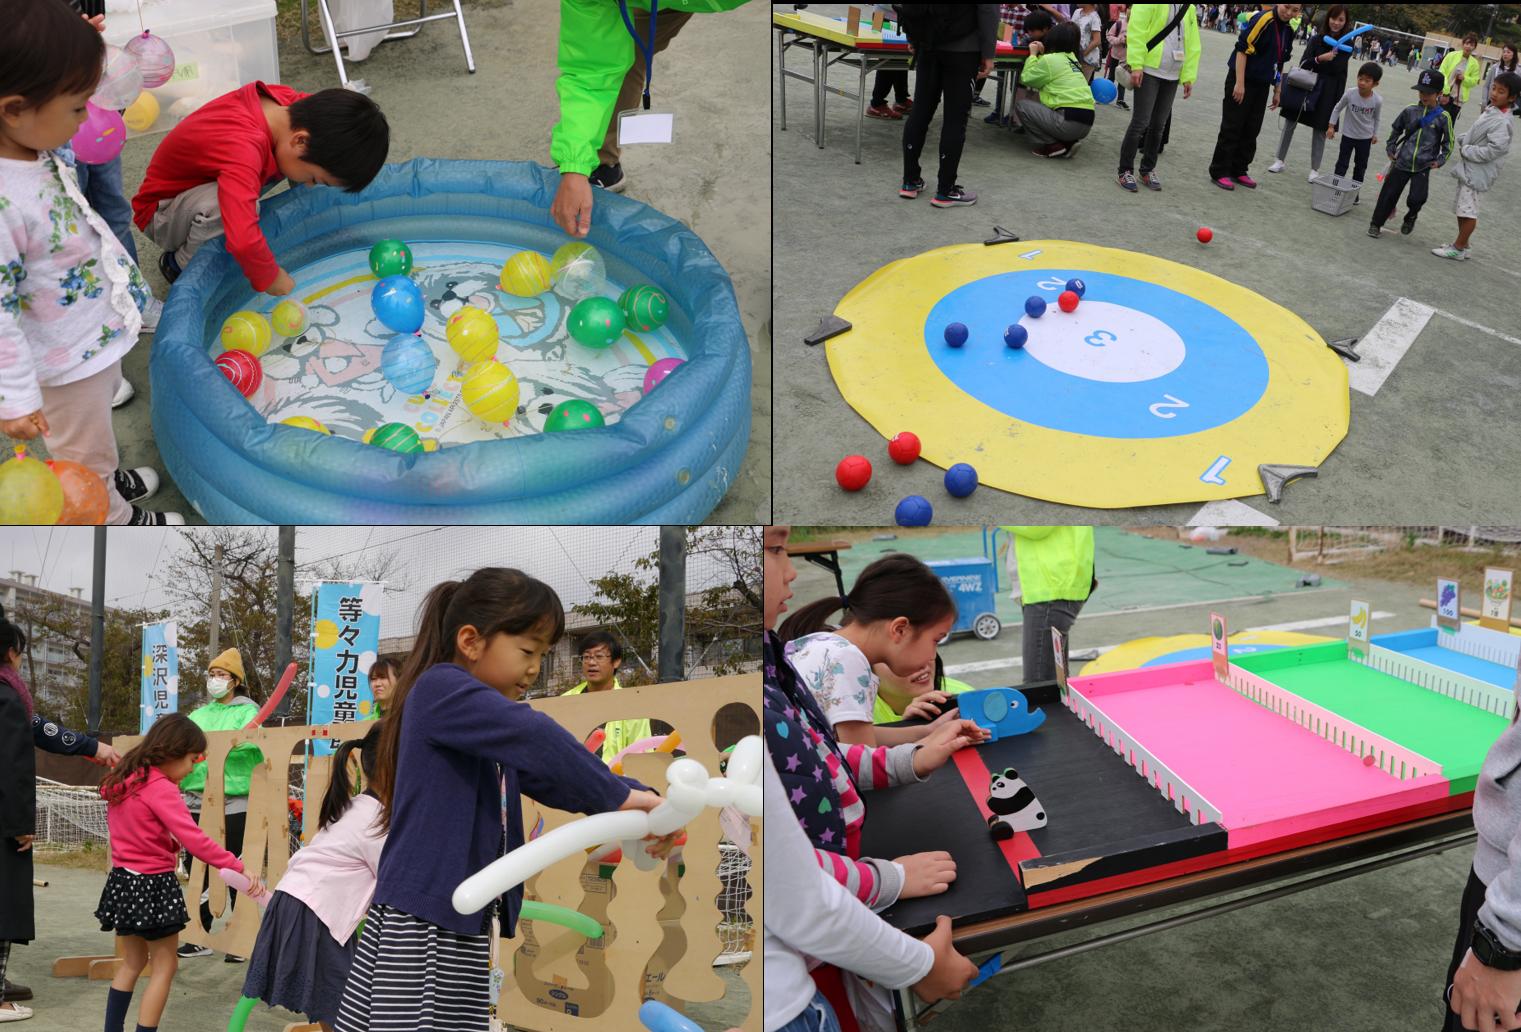 幼児の遊び場でゲームやヨーヨーつりを楽しんでね